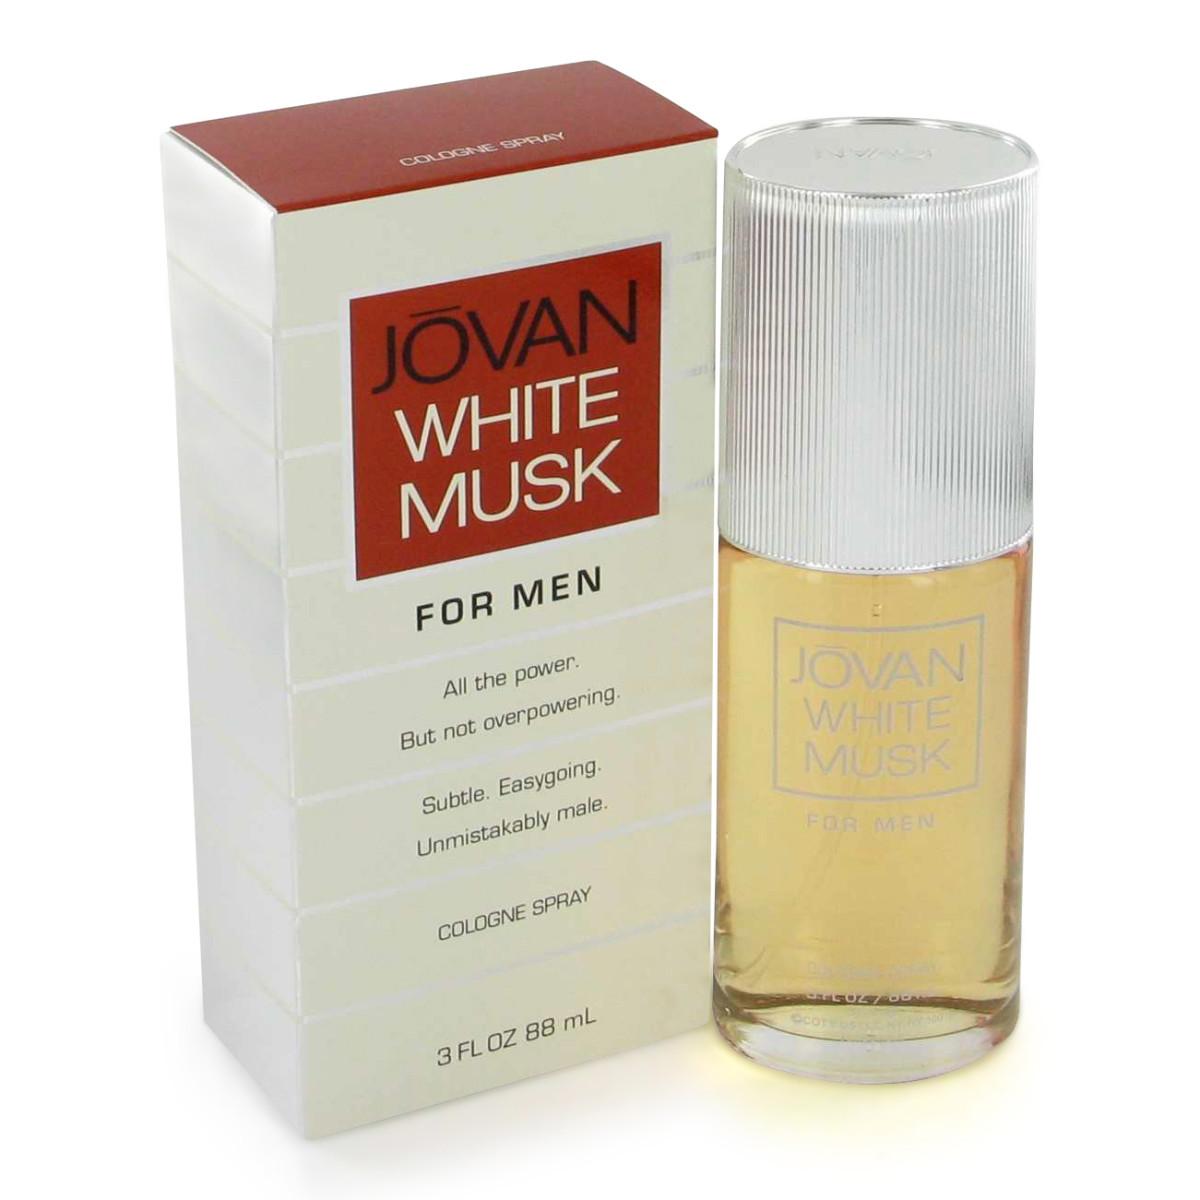 Jovan White Musk for Men Fragrance